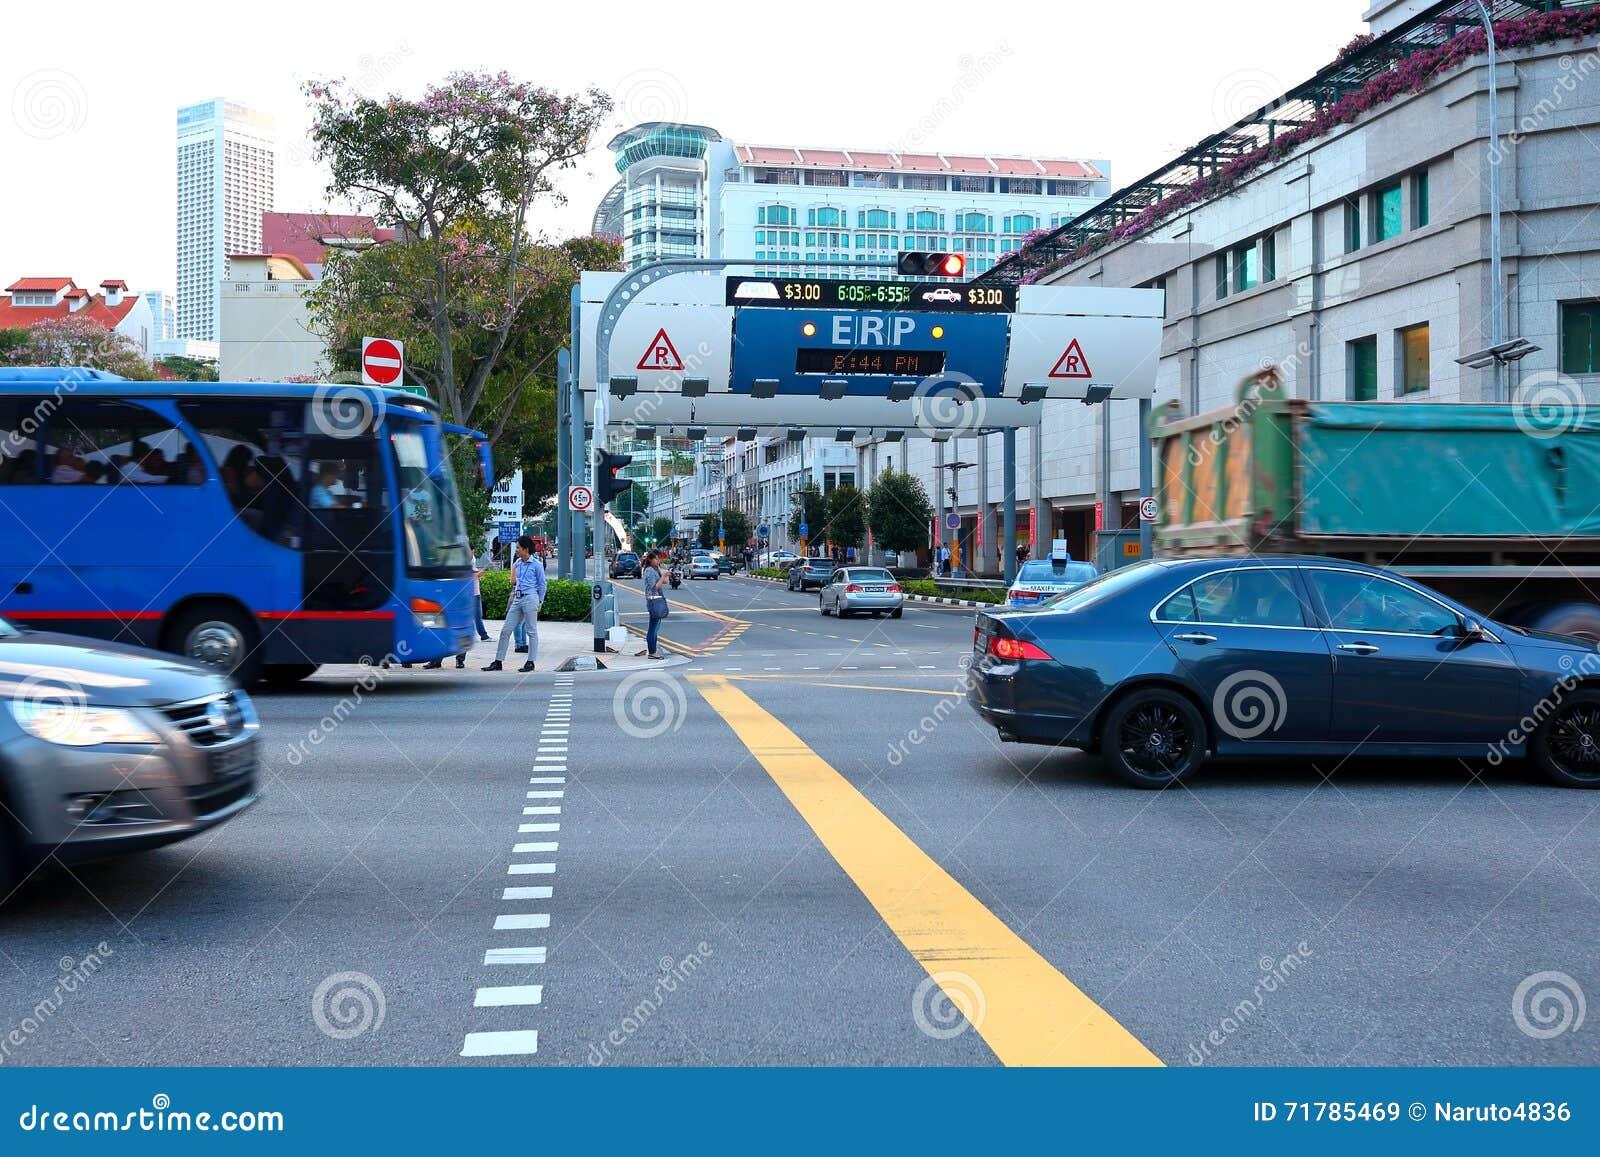 新加坡:电子公路定价